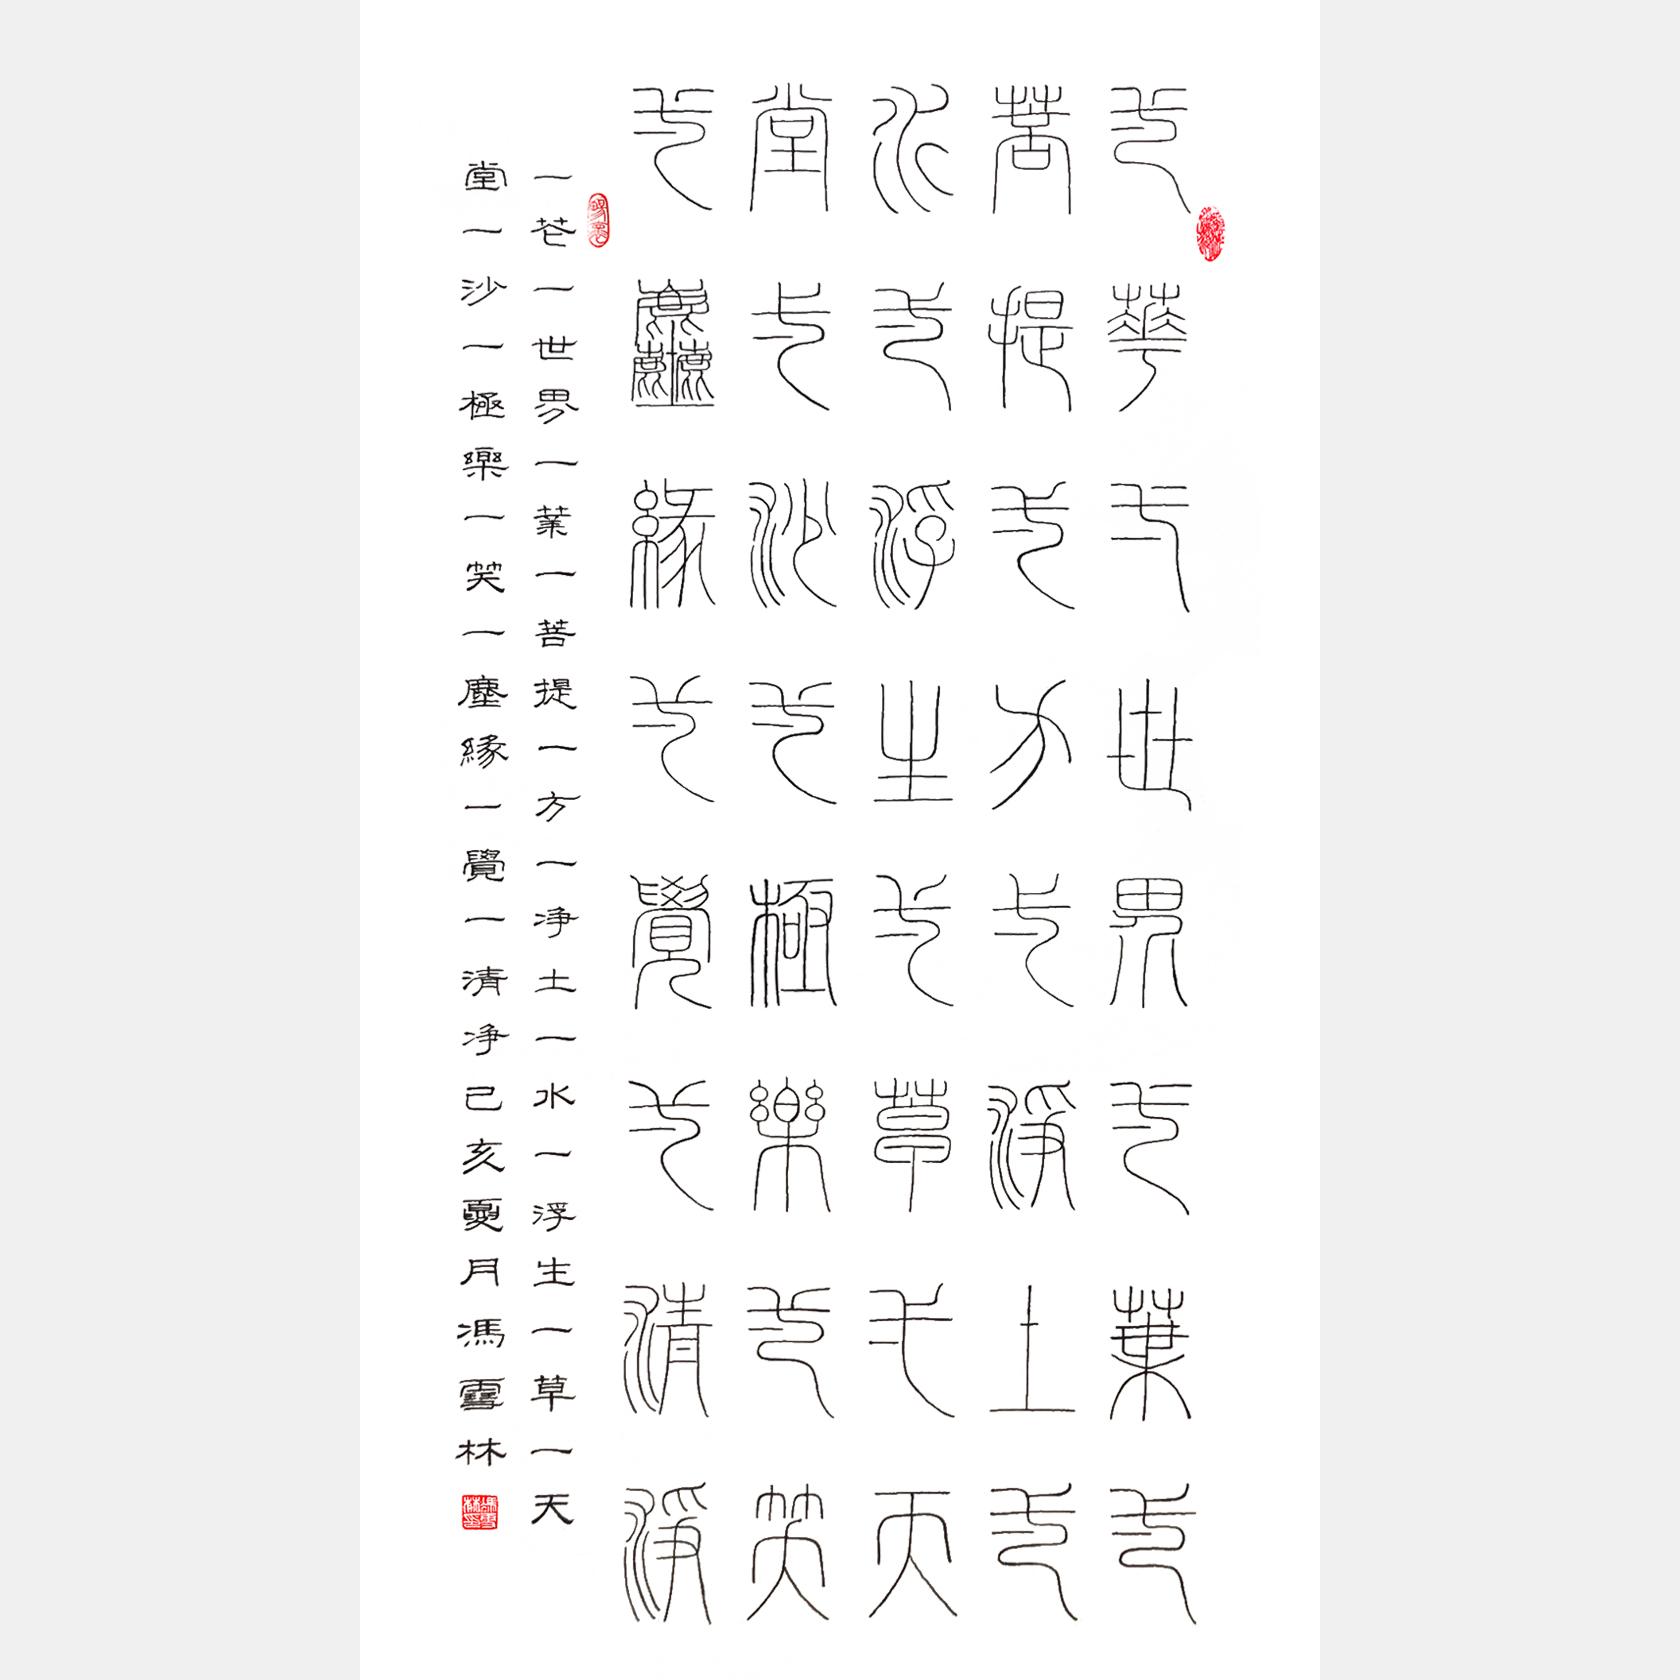 《华严经》一花一世界一叶一菩提 篆书隶书双版 竖幅书法作品